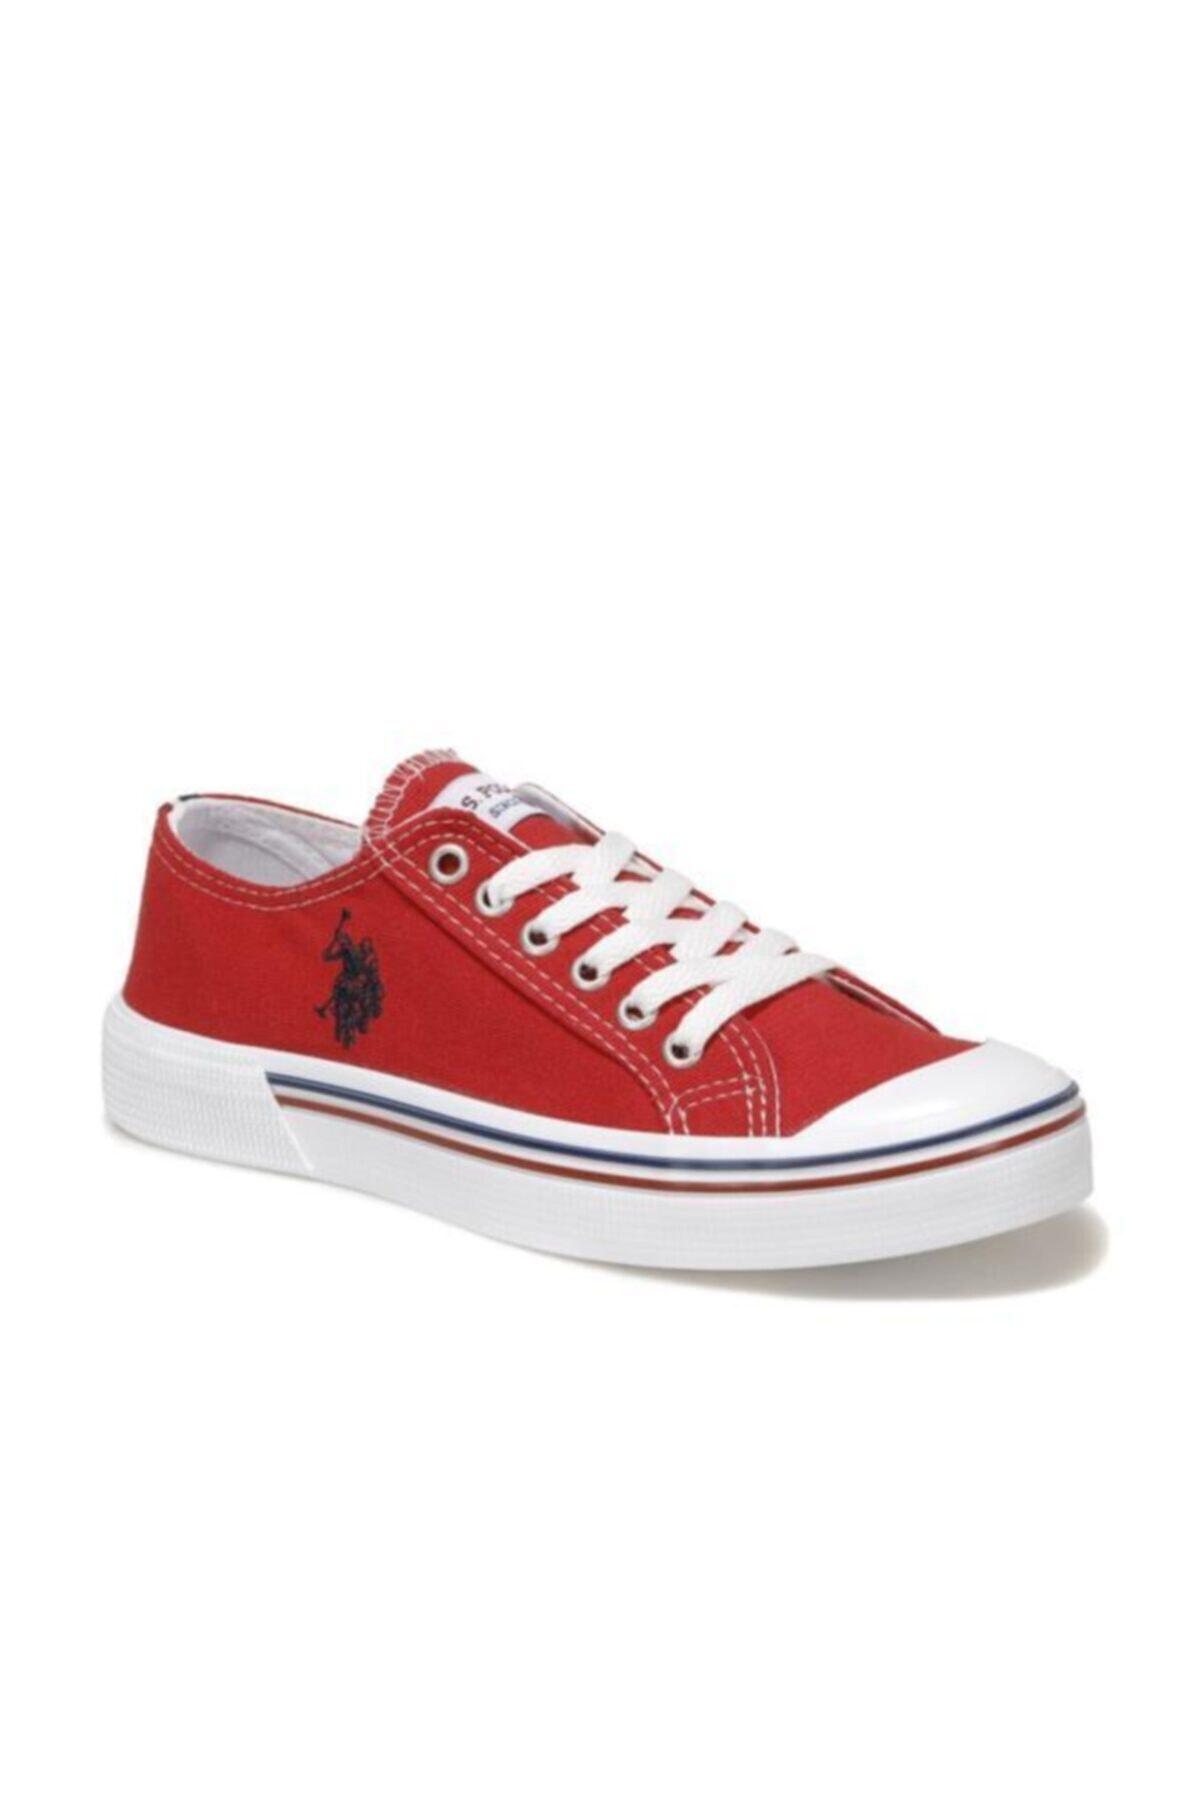 U.S. Polo Assn. Kadın Kırmızı Keten Ayakkabı 1